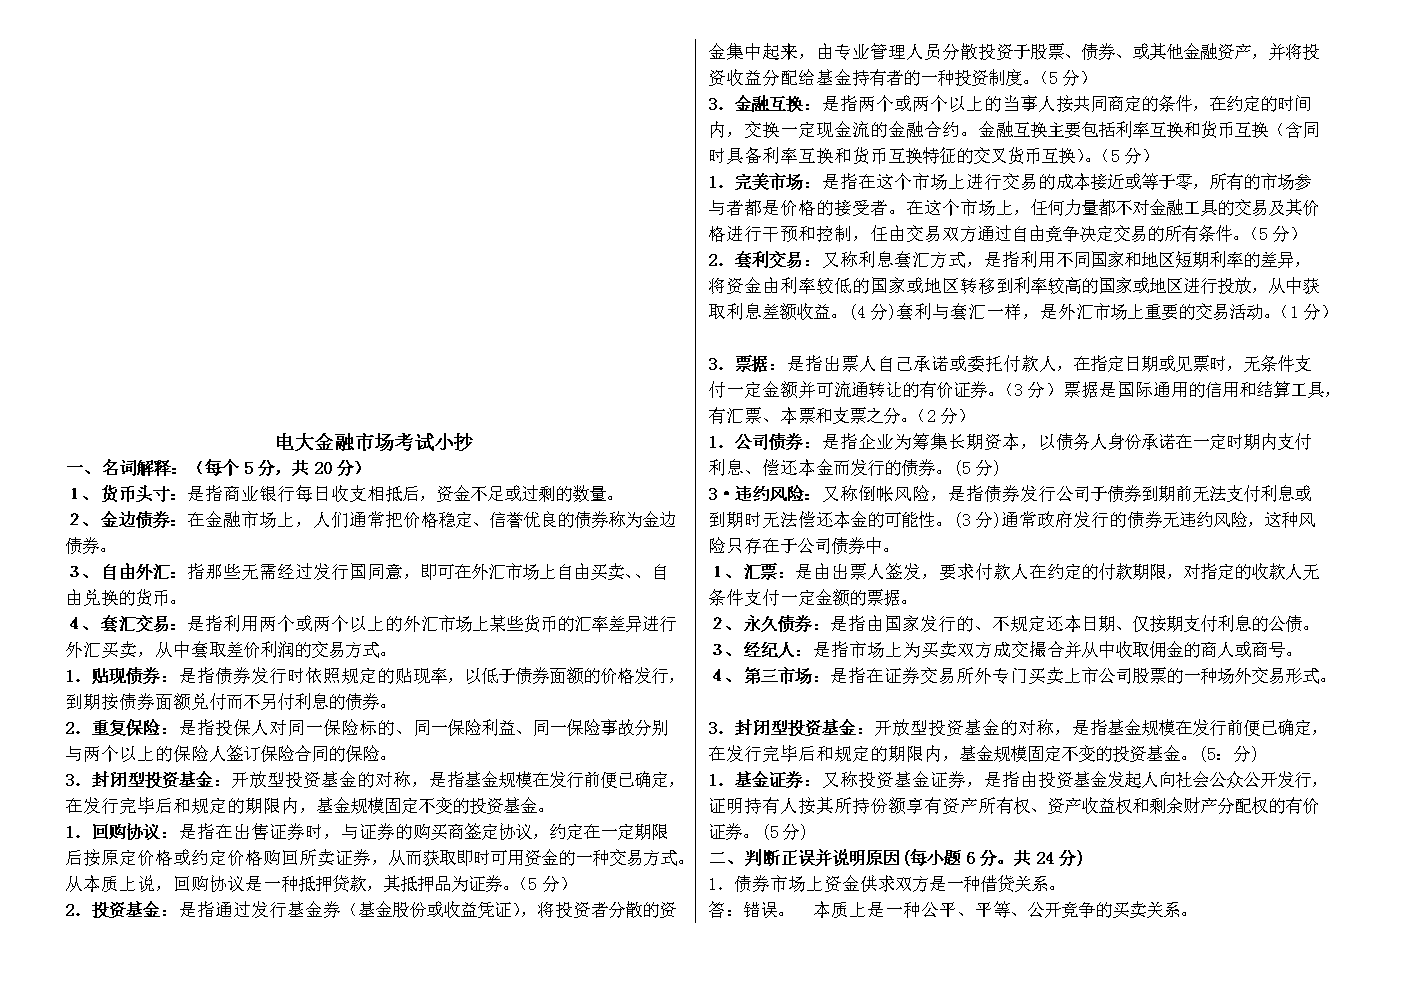 2014電大金融市場考試小抄(最新完整版小抄).doc